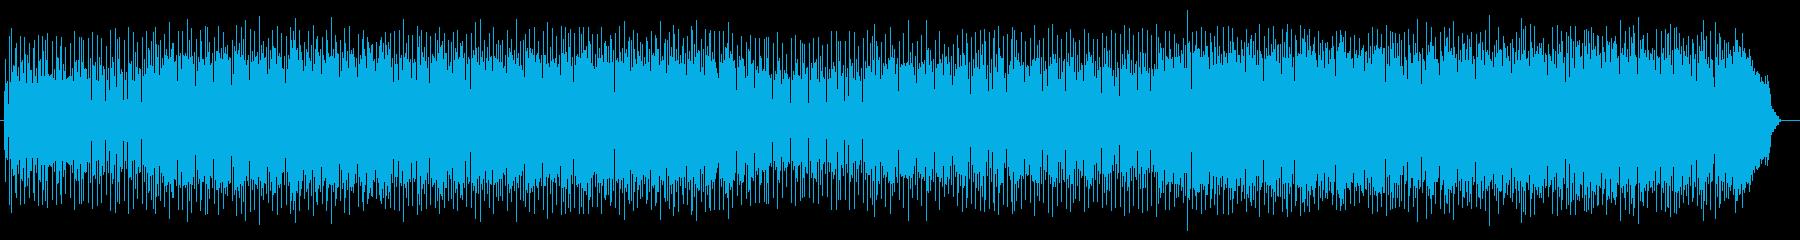 リズミカルで煌びやかなピアノサウンドの再生済みの波形